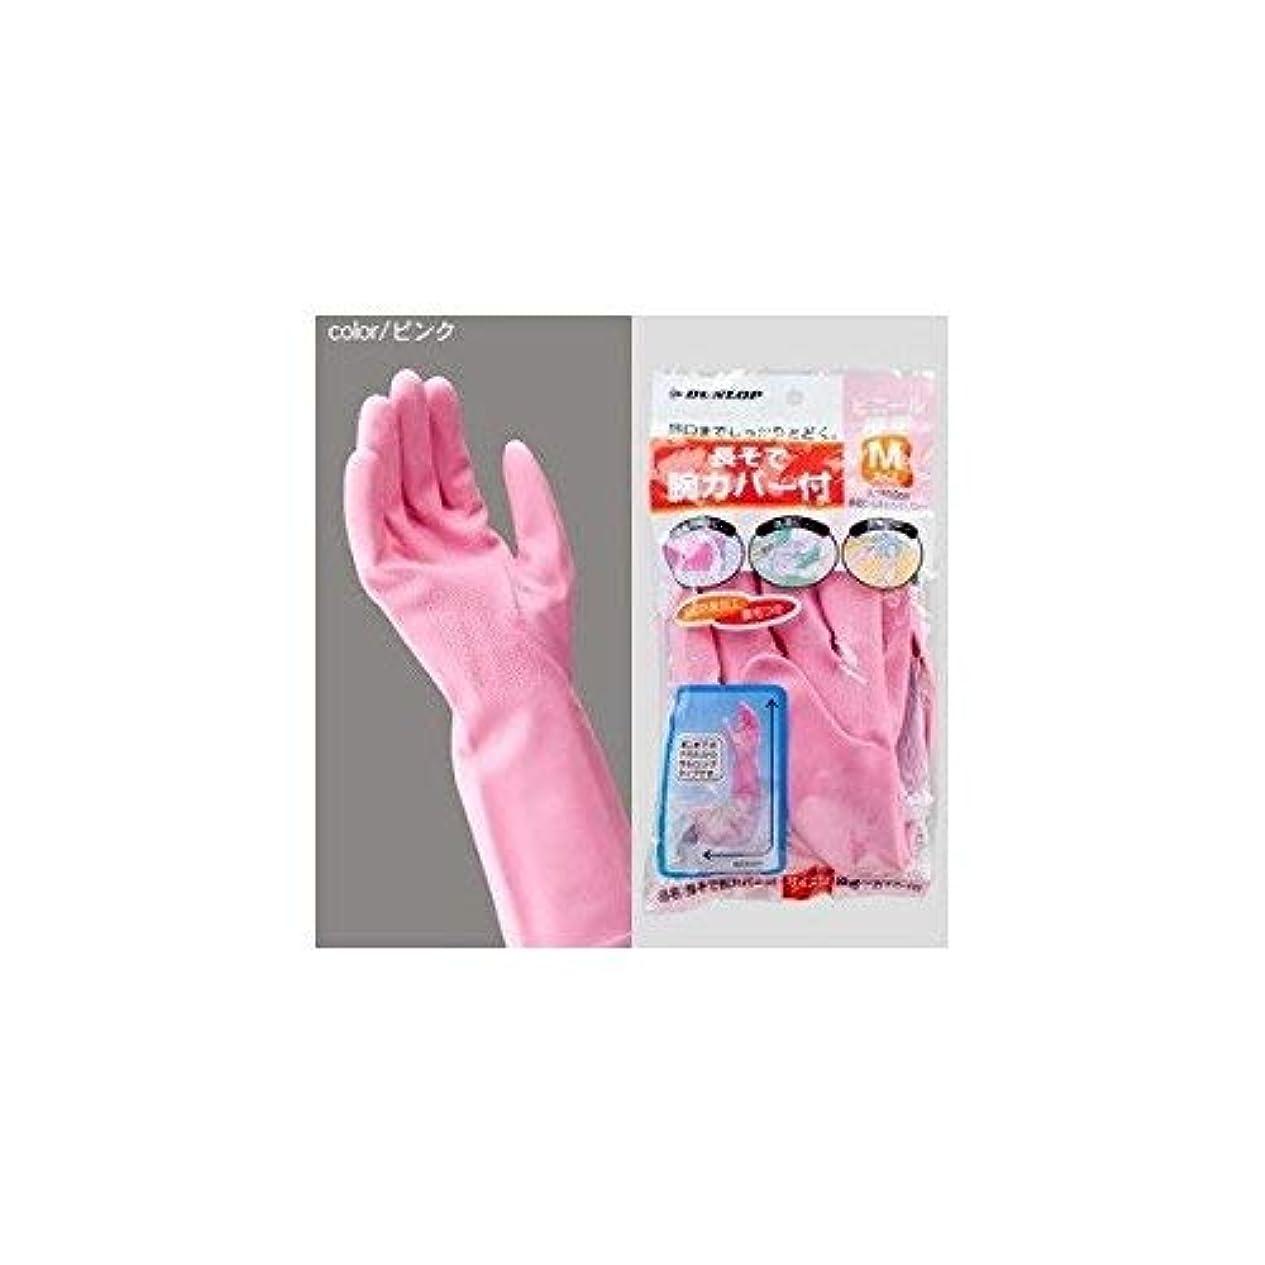 くびれた付与パネルダンロップ ビニール手袋 厚手腕カバー付 M ピンク ×30個